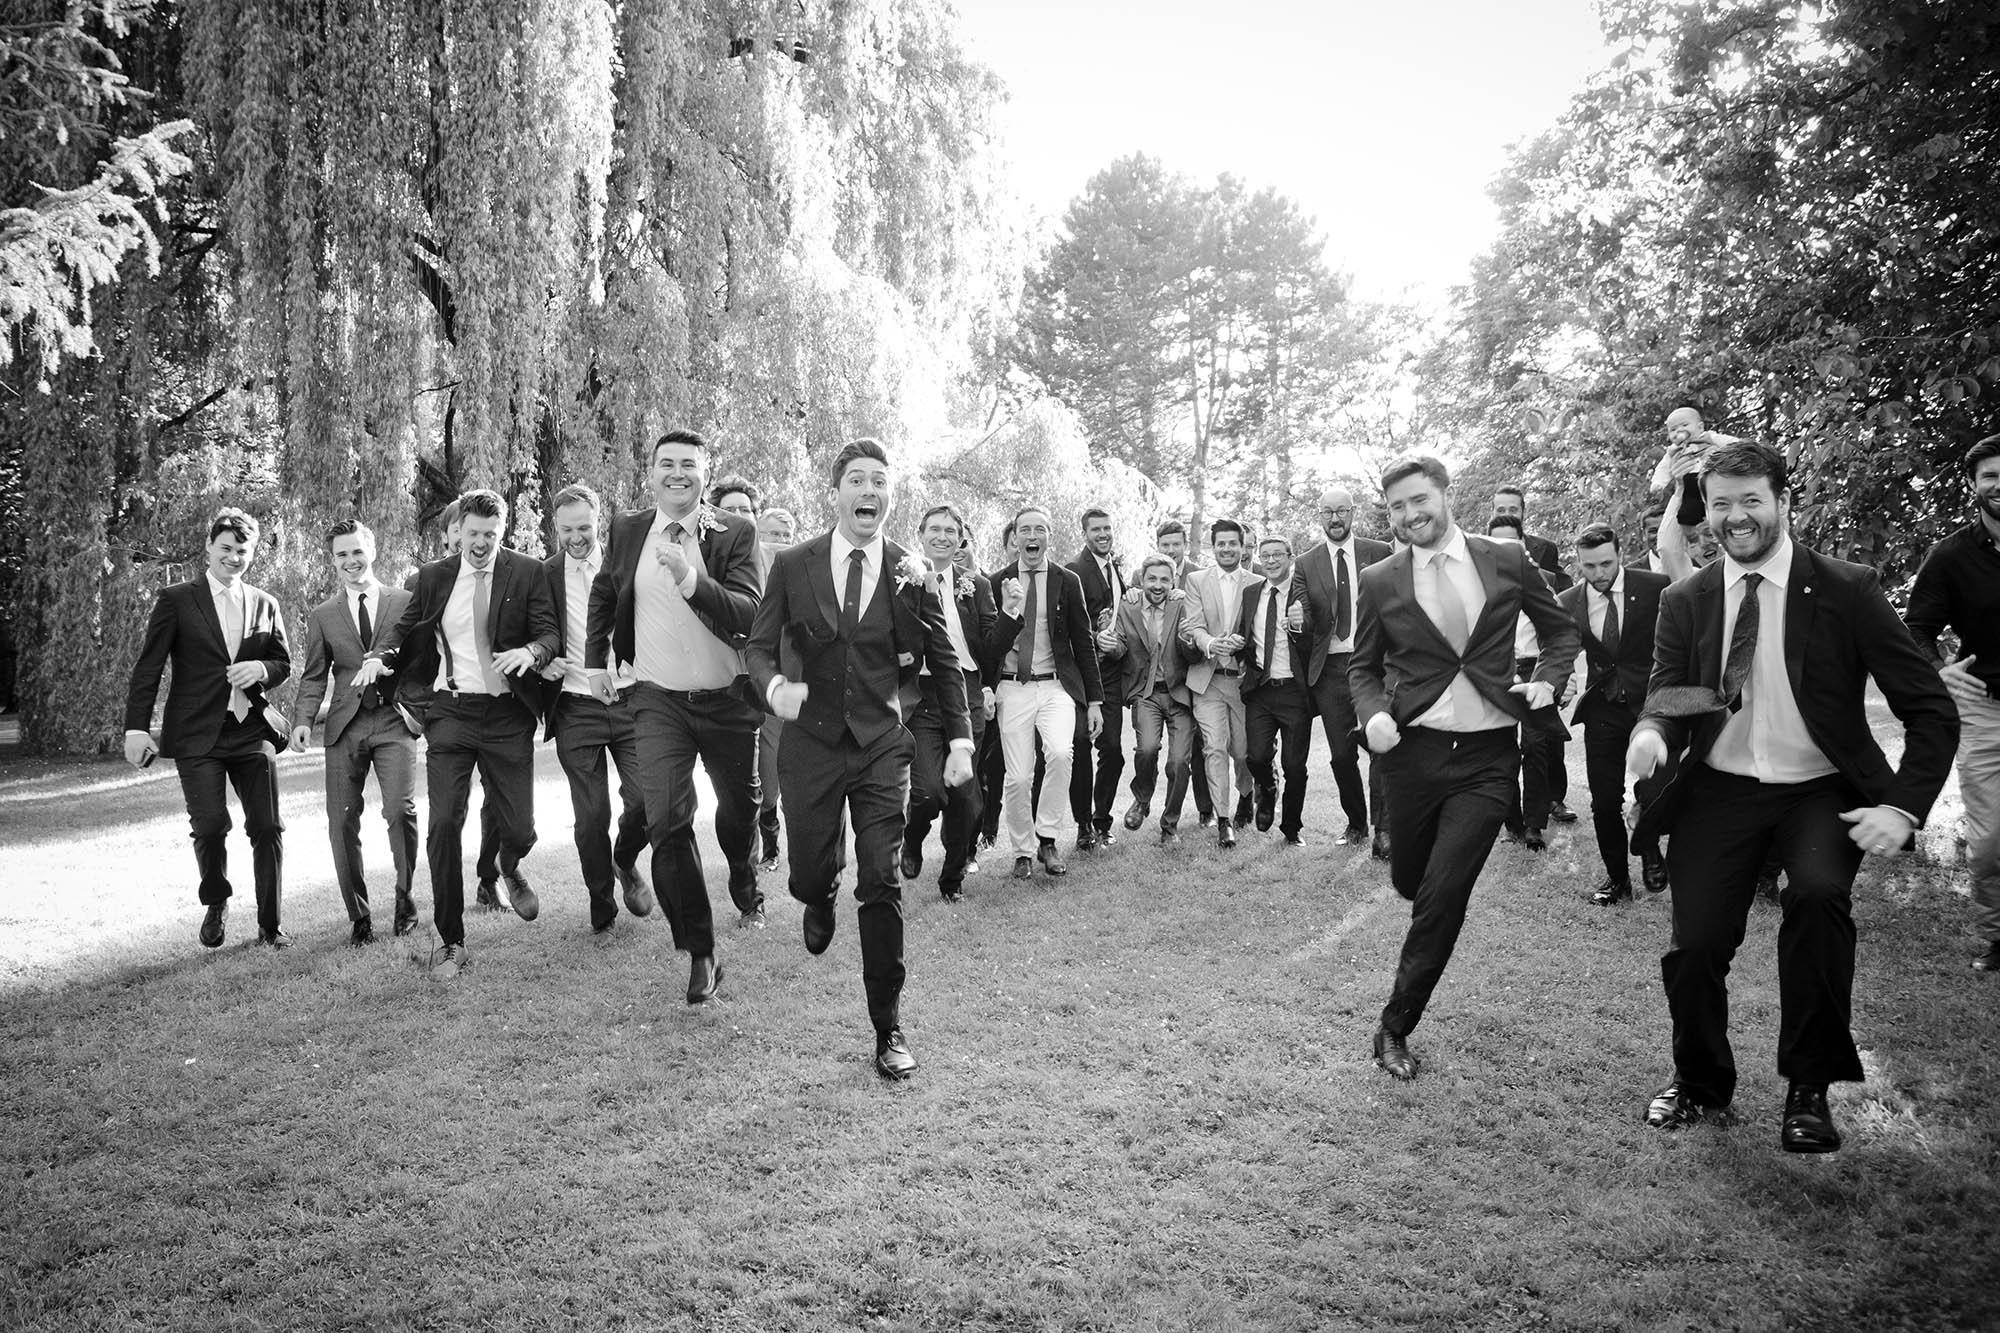 Hochzeitsgäste laufen Richtung Kamera